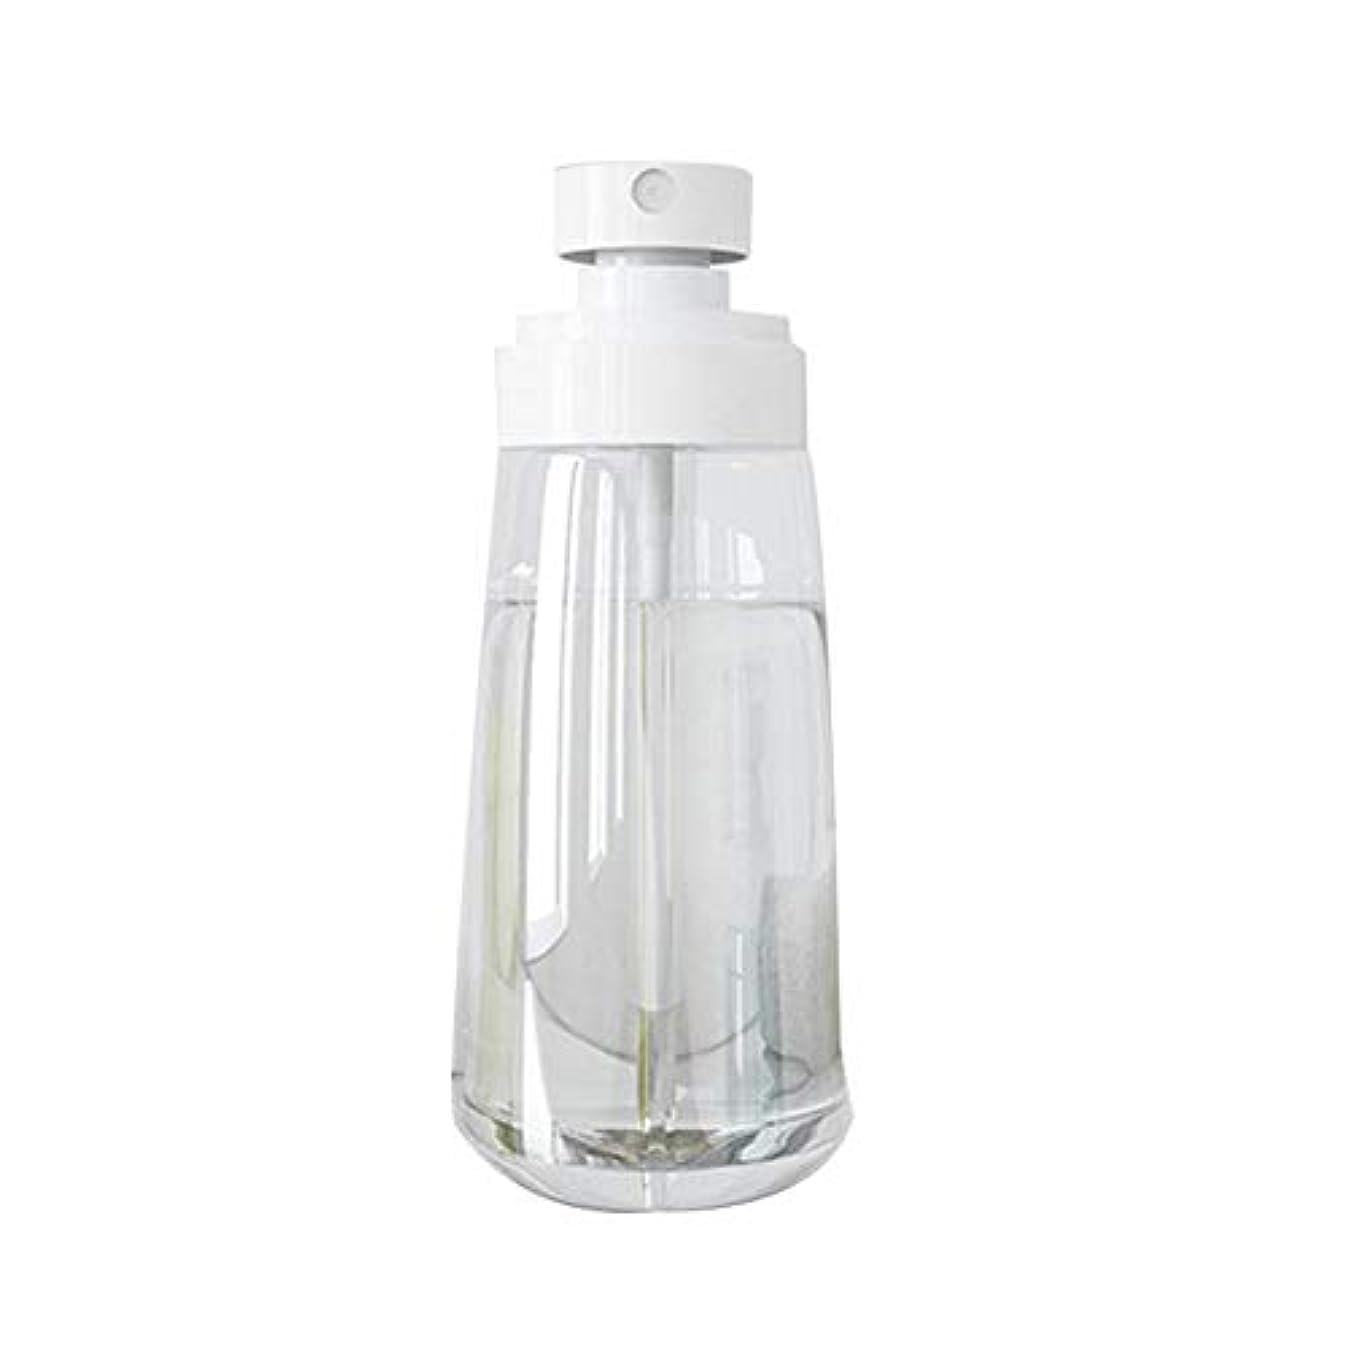 モーション食い違い圧縮するLUERME スプレーボルト 60ml PET製 化粧水の詰替用 極細のミストを噴霧する 旅行用の霧吹き 小分けの容器 アルコール消毒用 アトマイザー